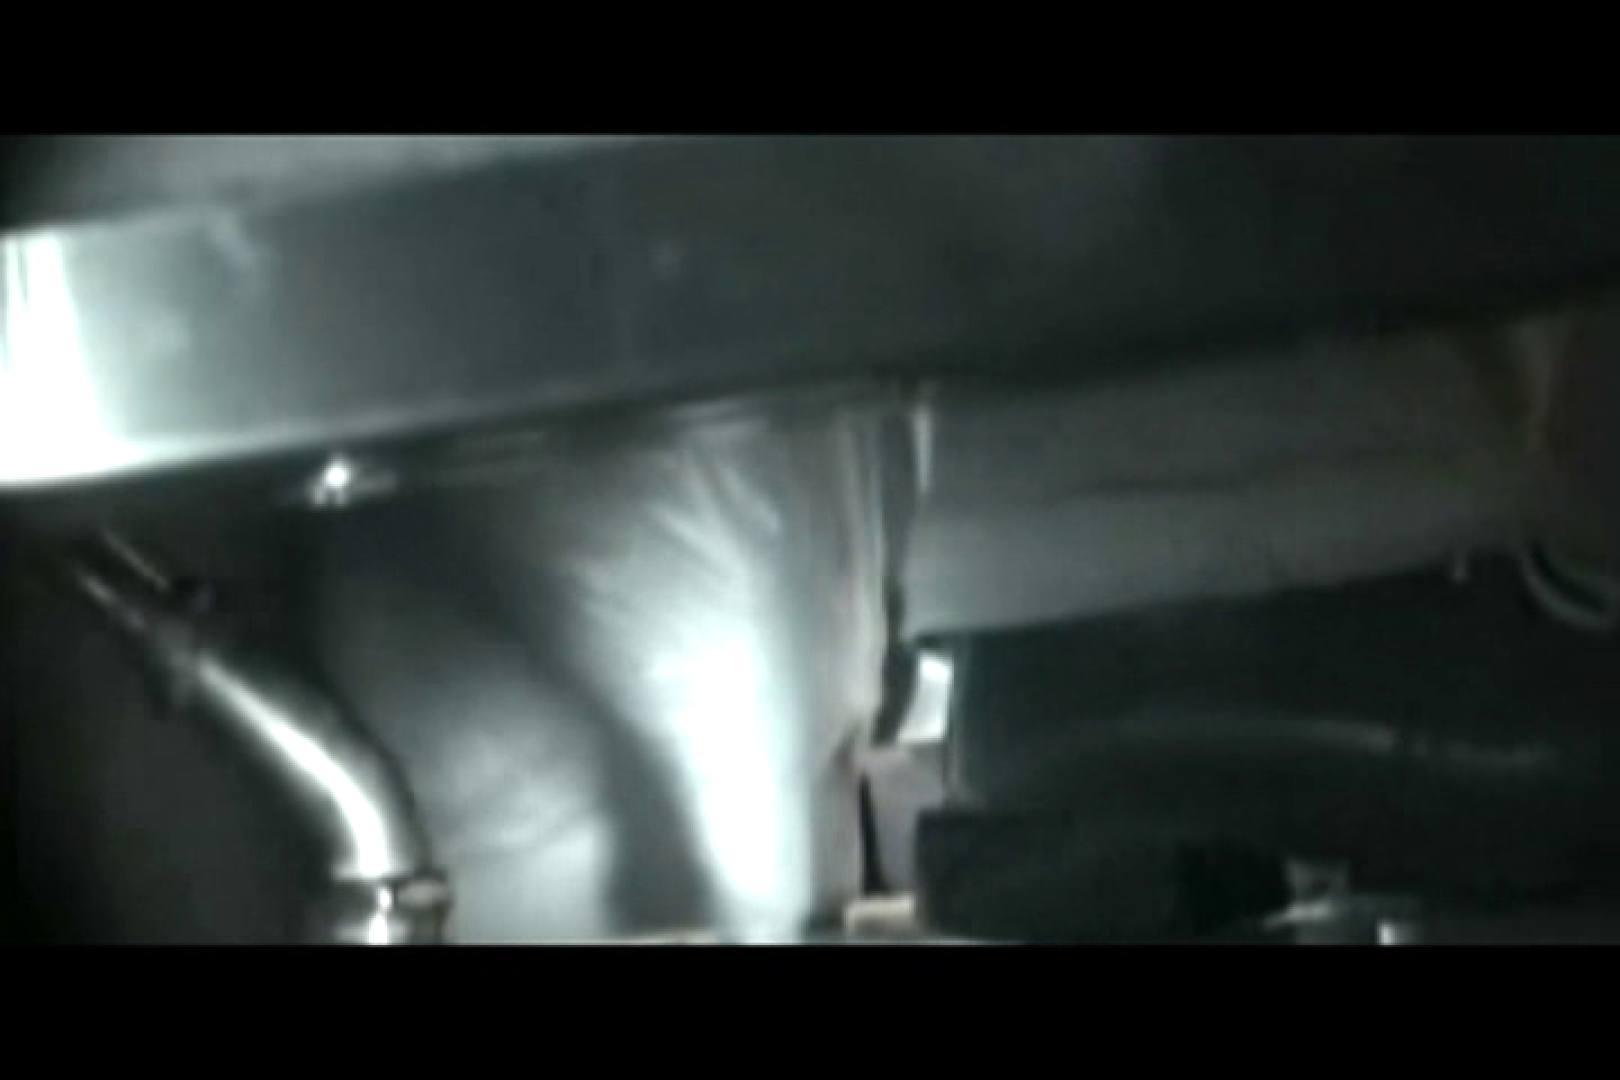 ぼっとん洗面所スペシャルVol.18 おまんこ無修正 | 洗面所はめどり  76画像 49